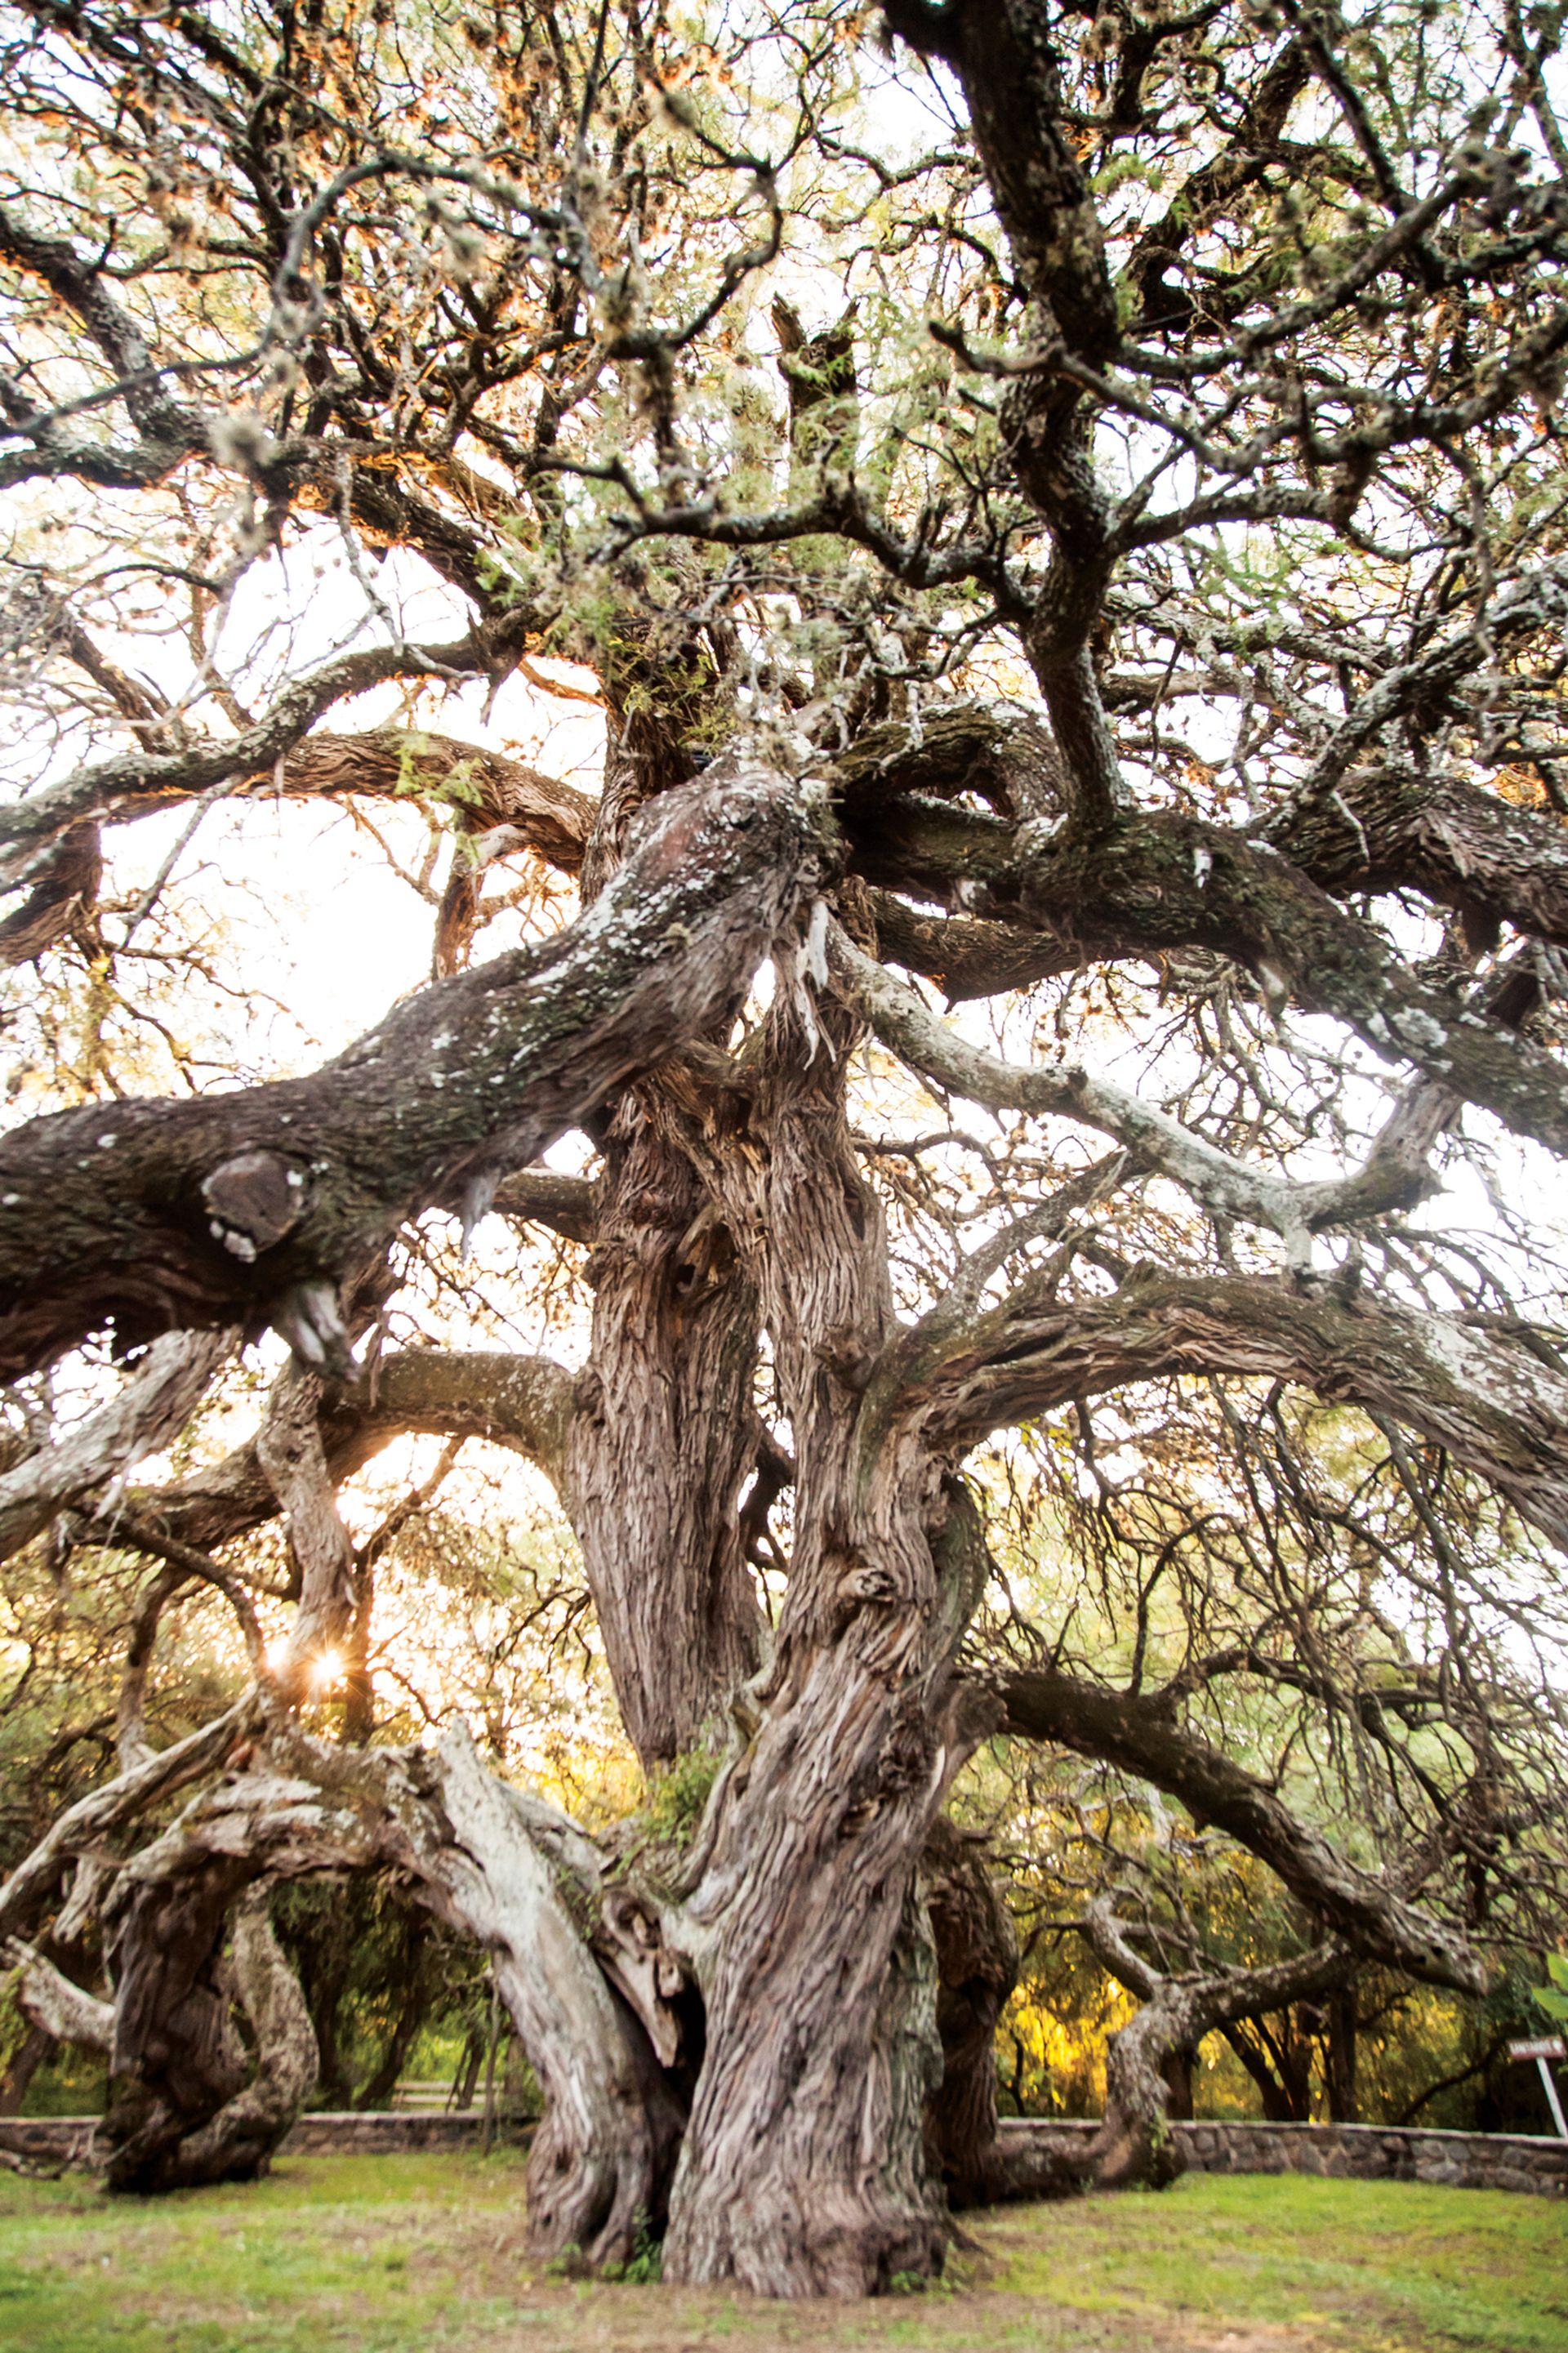 El gigante algarrobo abuelo es una figura icónica en las afueras de la Villa de Merlo.